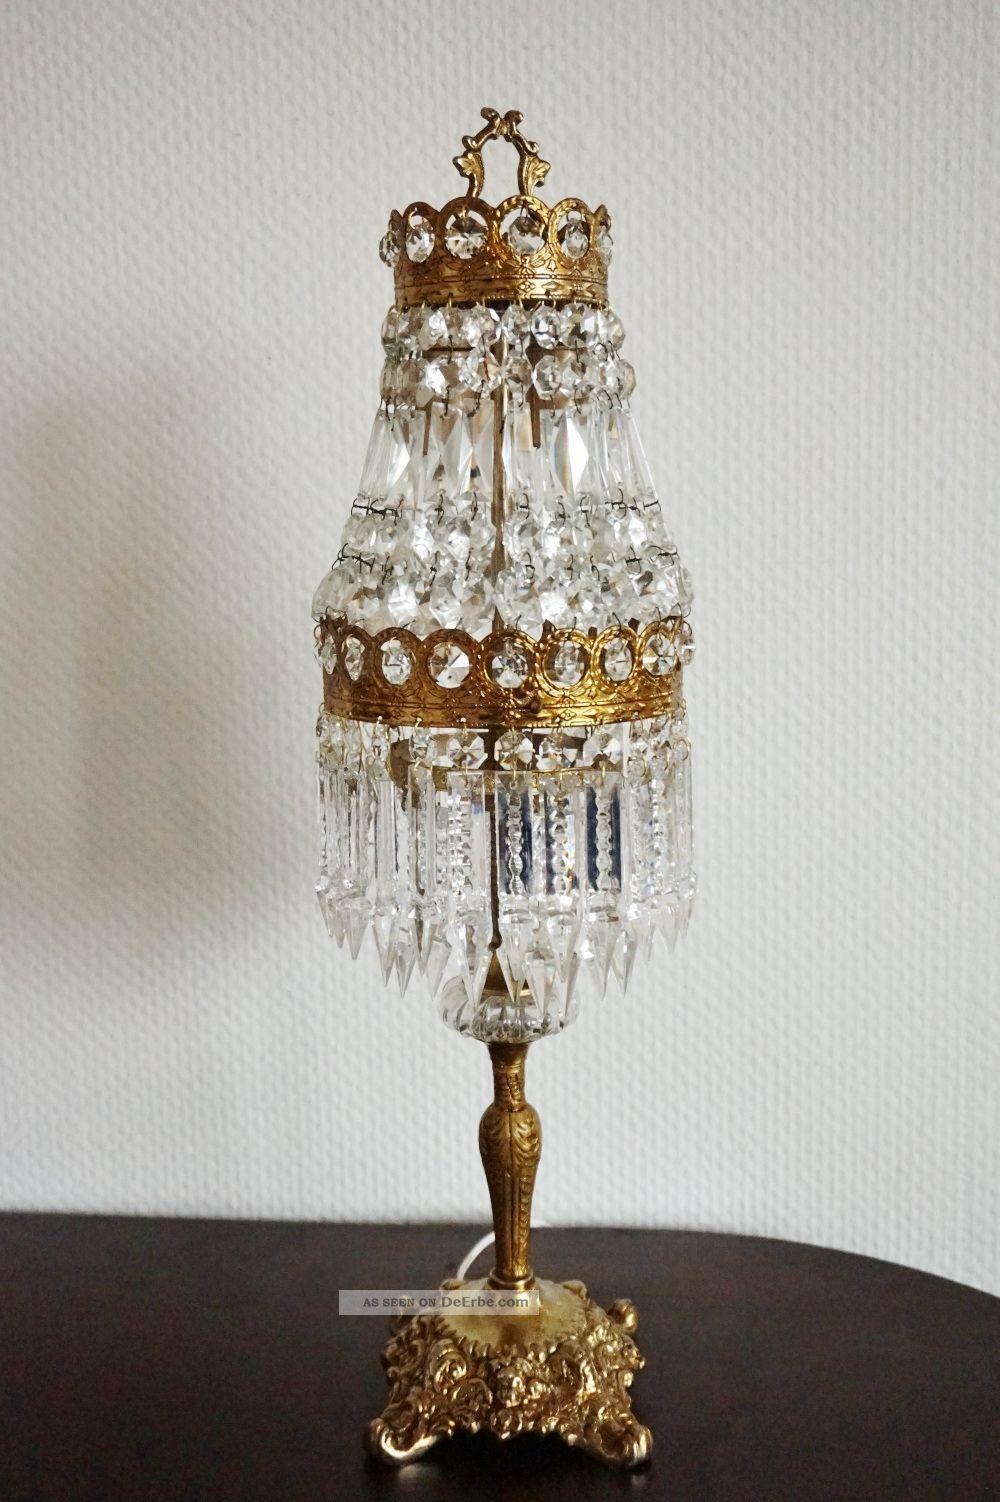 Alte Kristall Tischlampe Jugendstil Tischleuchter Kronleuchter Lampe  Korblüster Bild